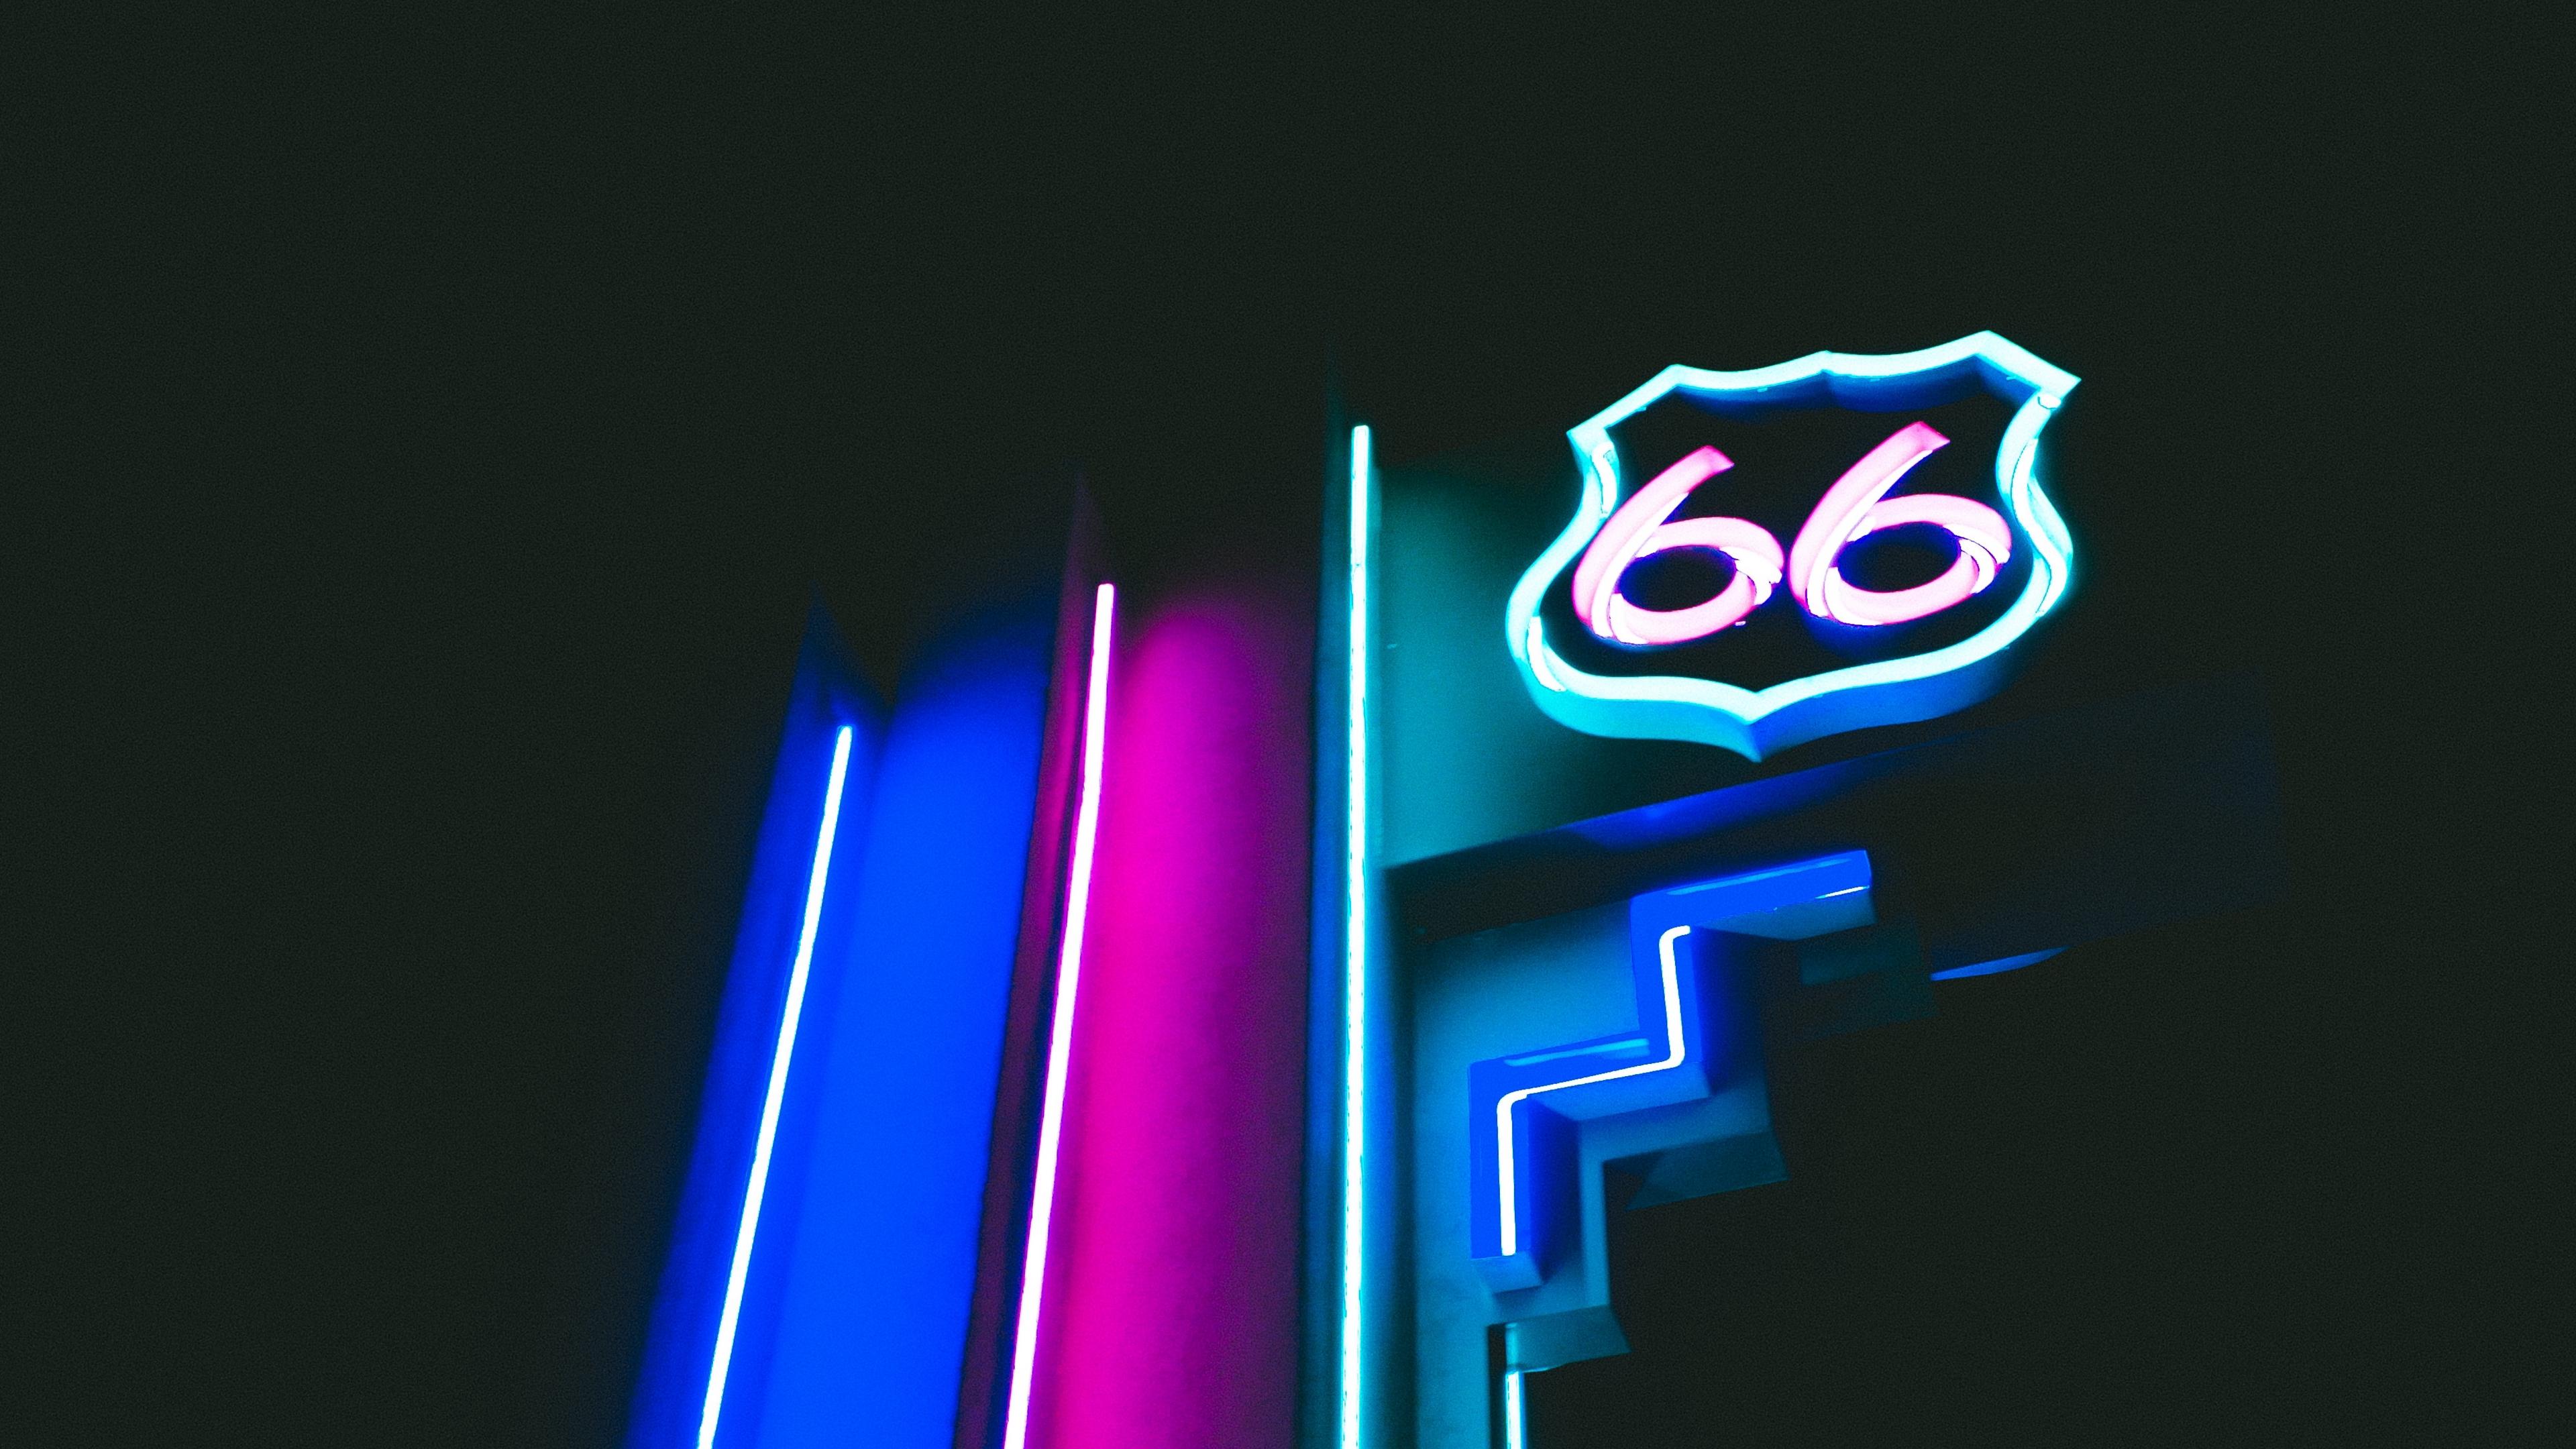 neon backlight signboard numbers 4k 1540574444 - neon, backlight, signboard, numbers 4k - signboard, Neon, backlight